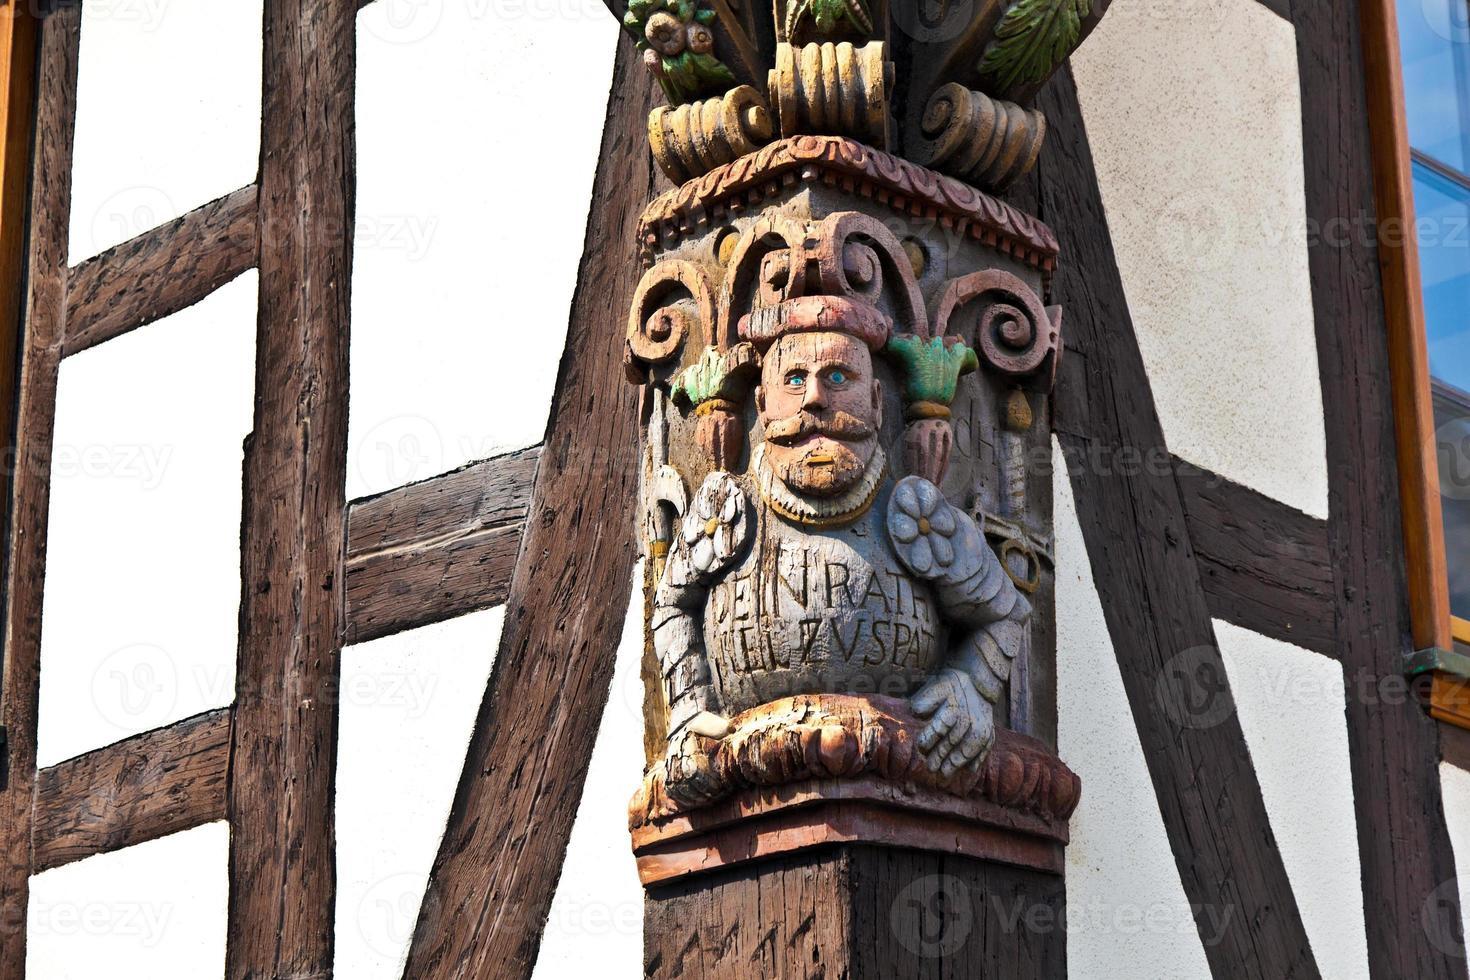 Schnitzereien im Rahmen eines alten mittelalterlichen Hauses foto